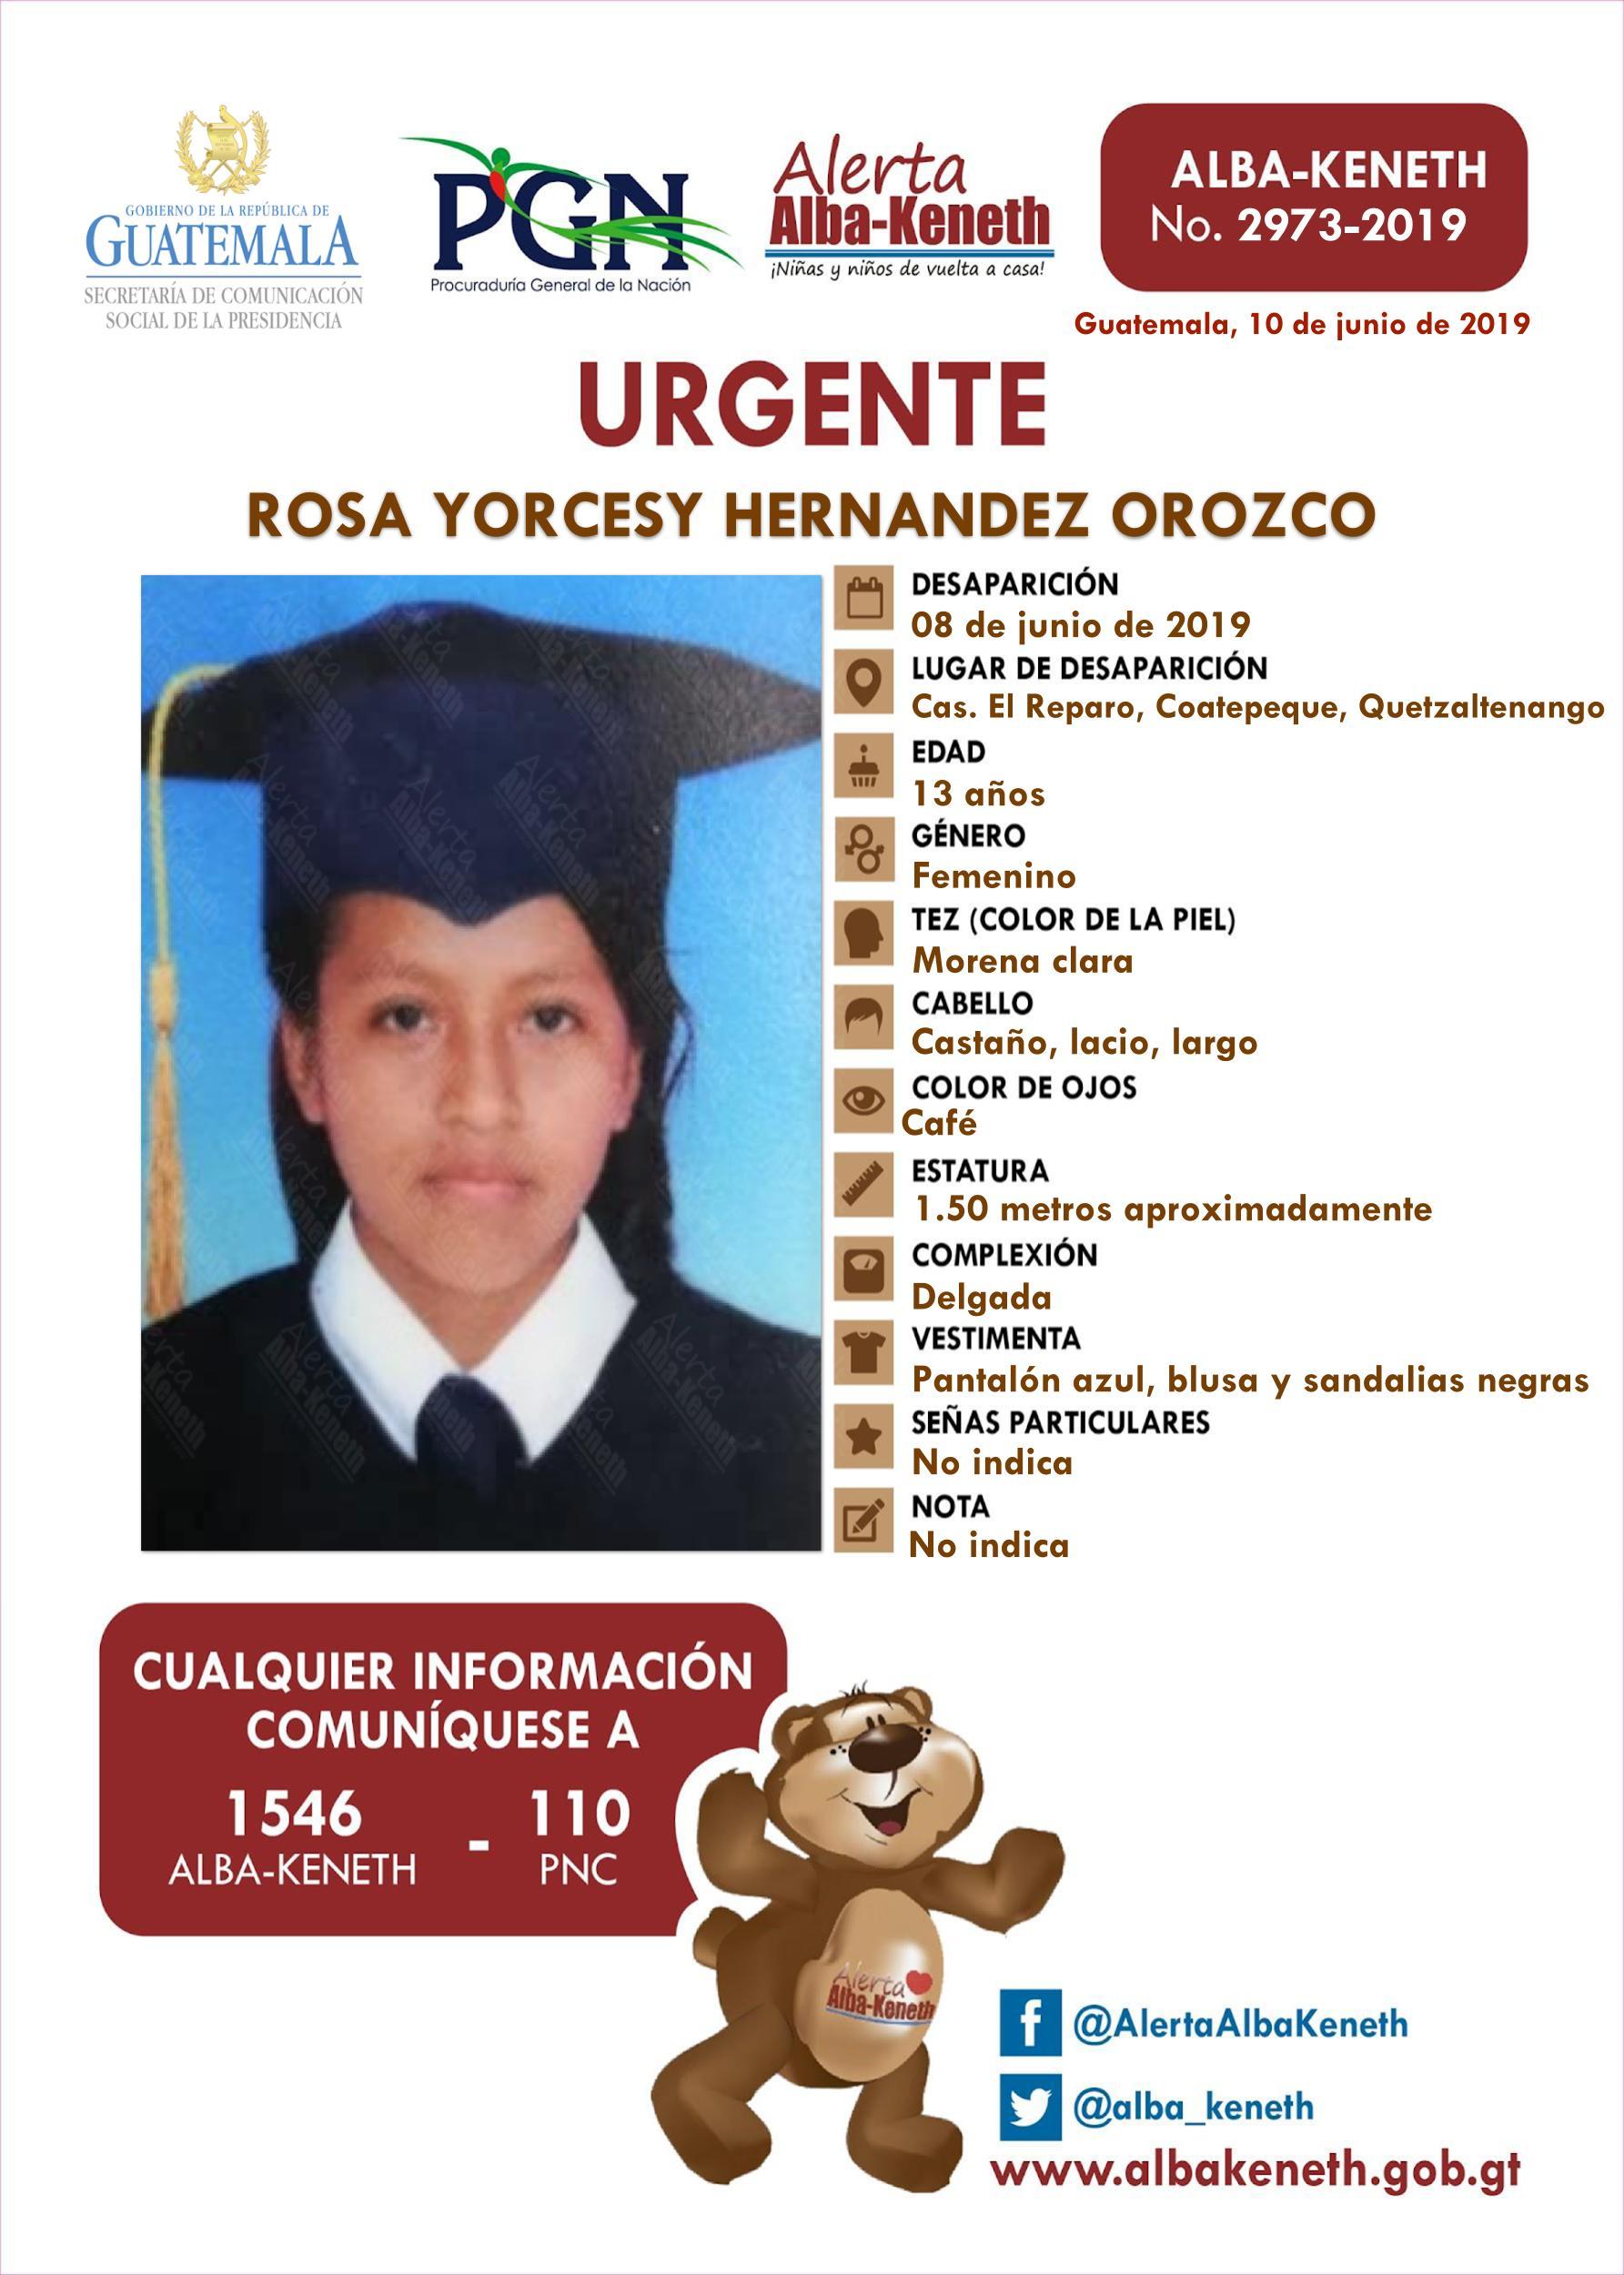 Rosa Yorcesy Hernandez Orozco